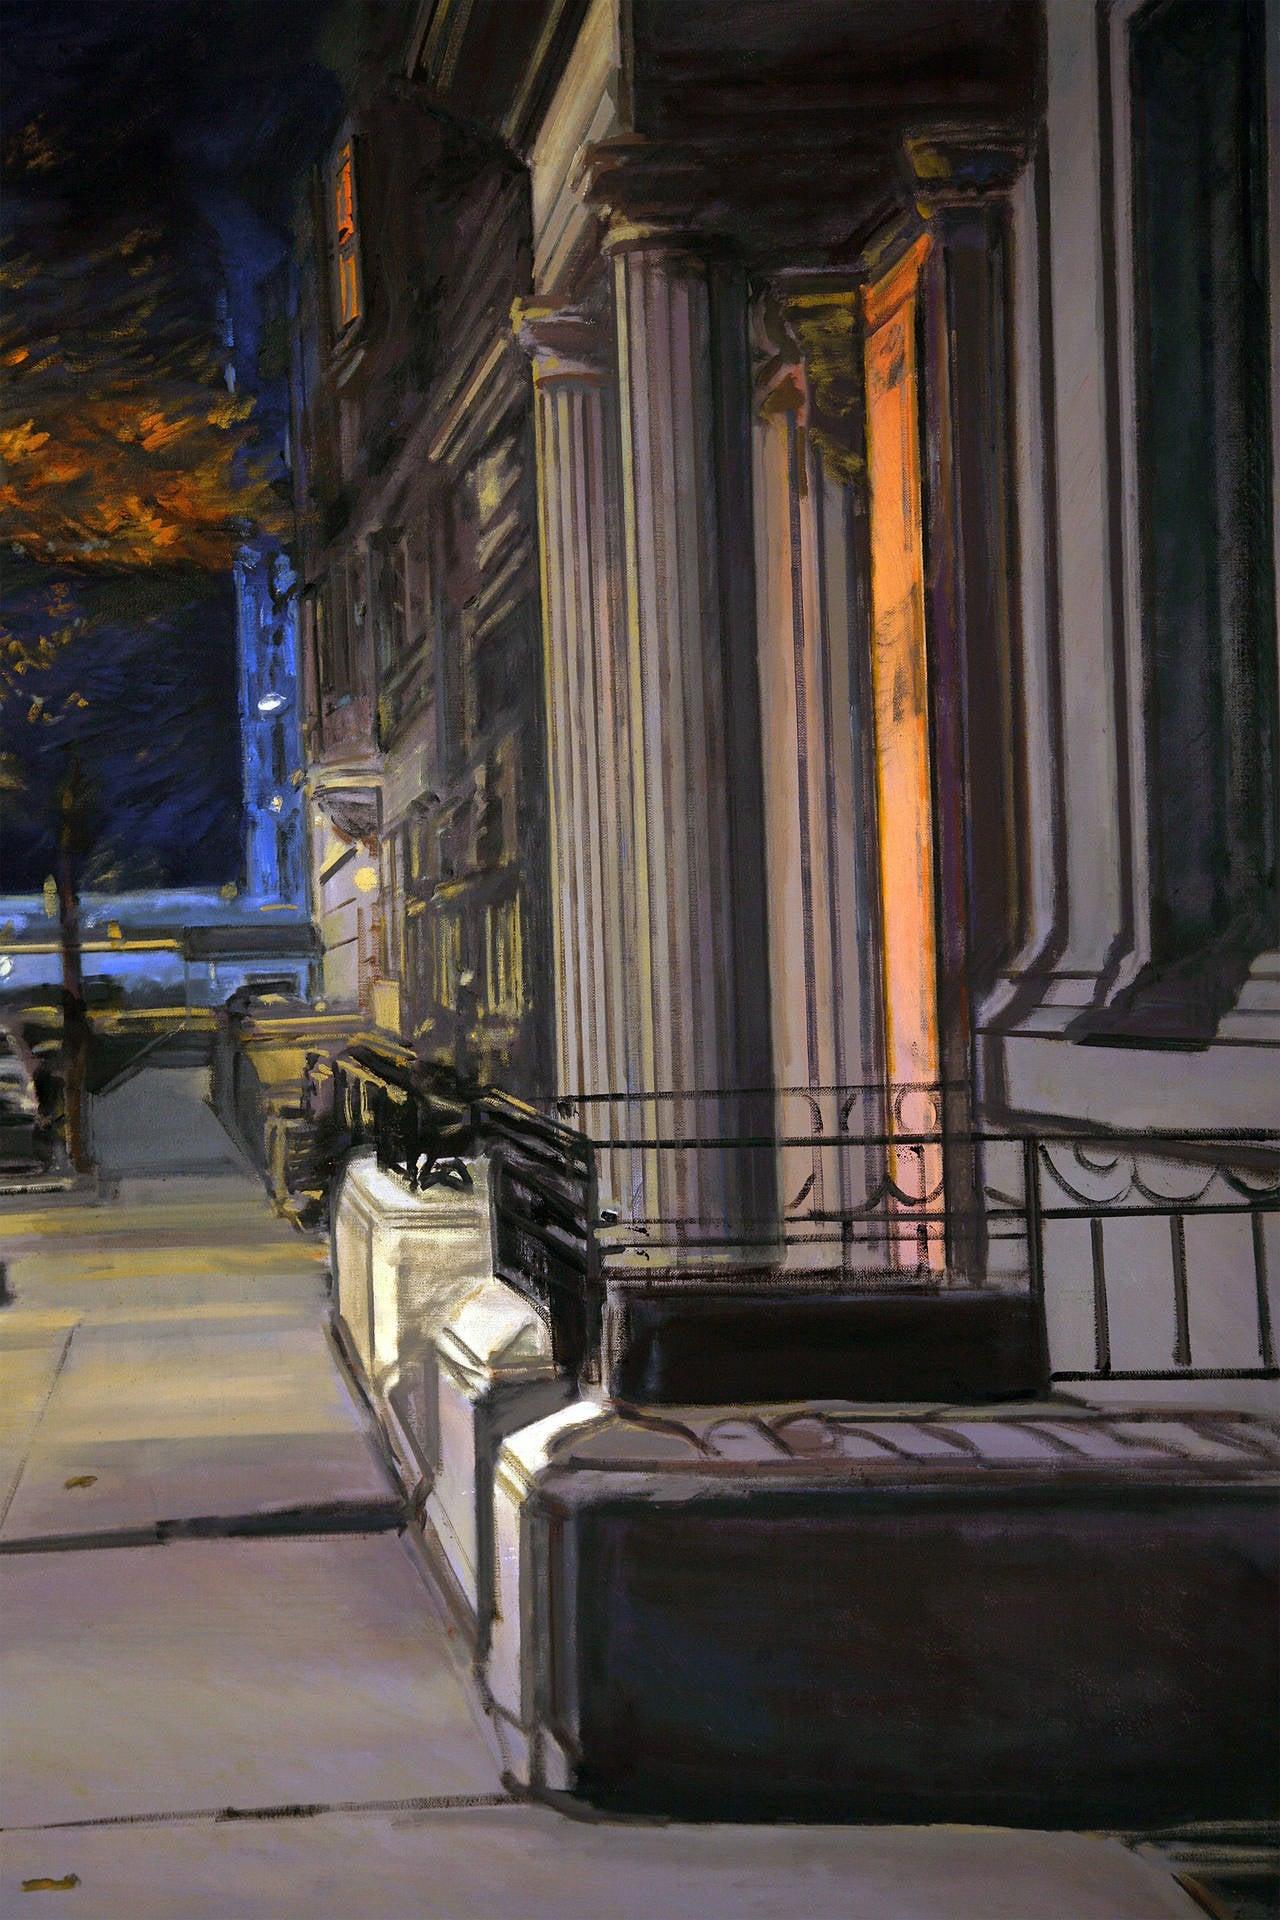 Midnight - Painting by Derek Reist